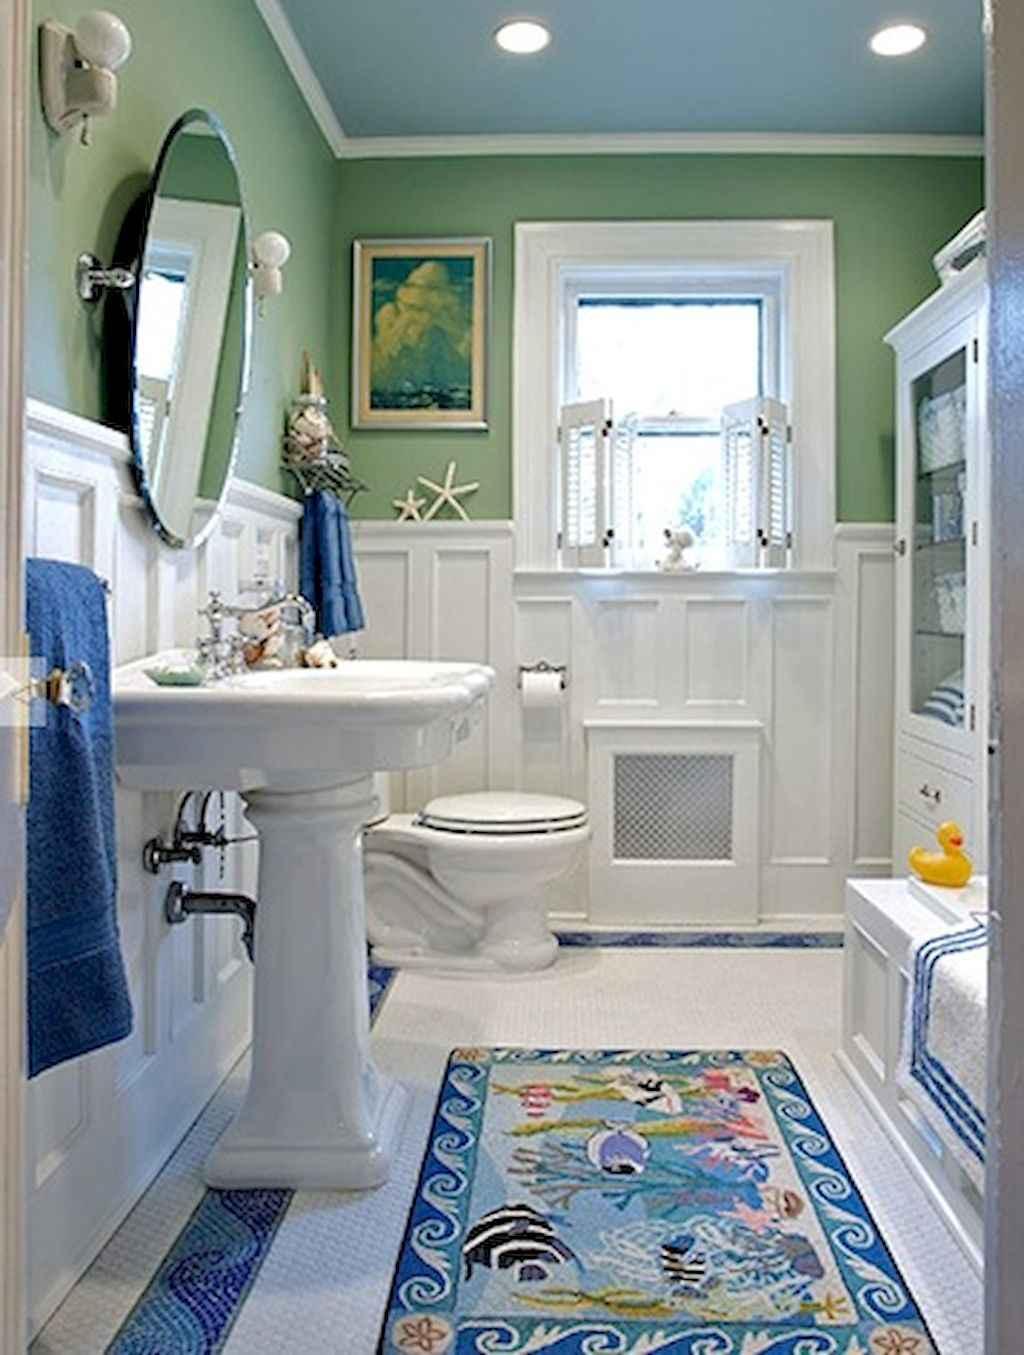 Nice bathroom paneling